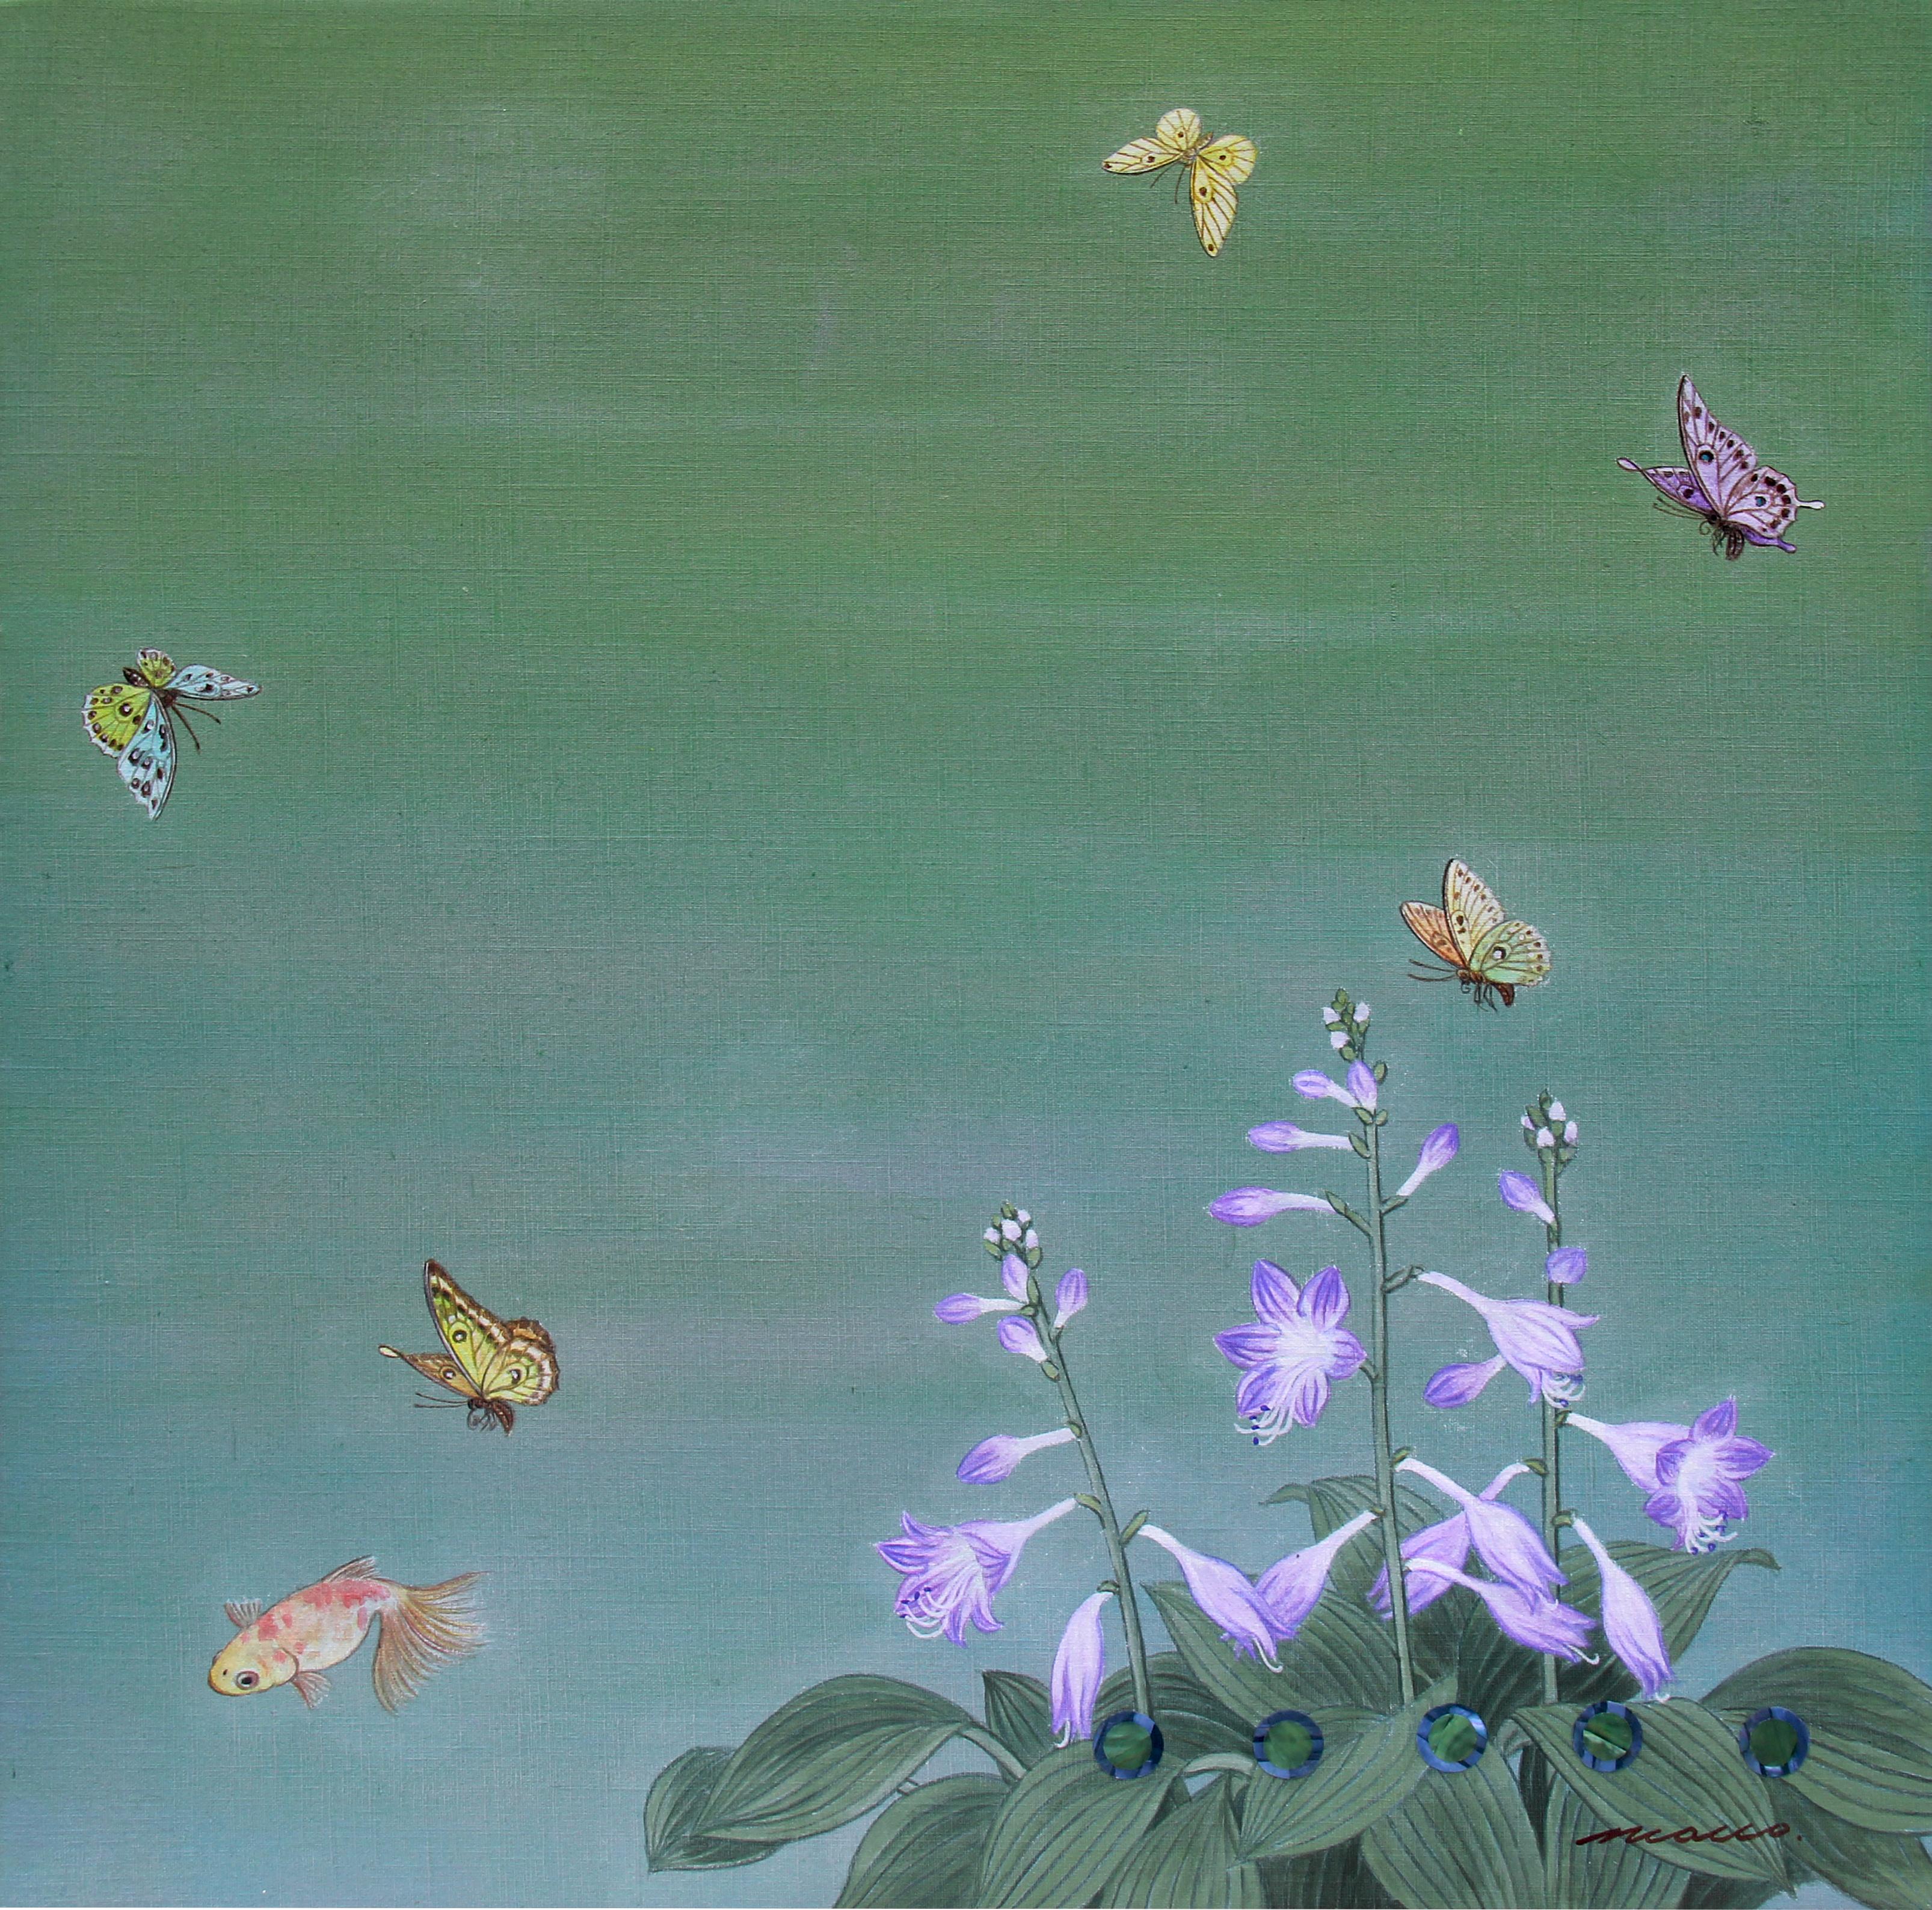 021, 조현동, 자연-순환-이야기, 60 x 60 cm, 천에 혼합재료